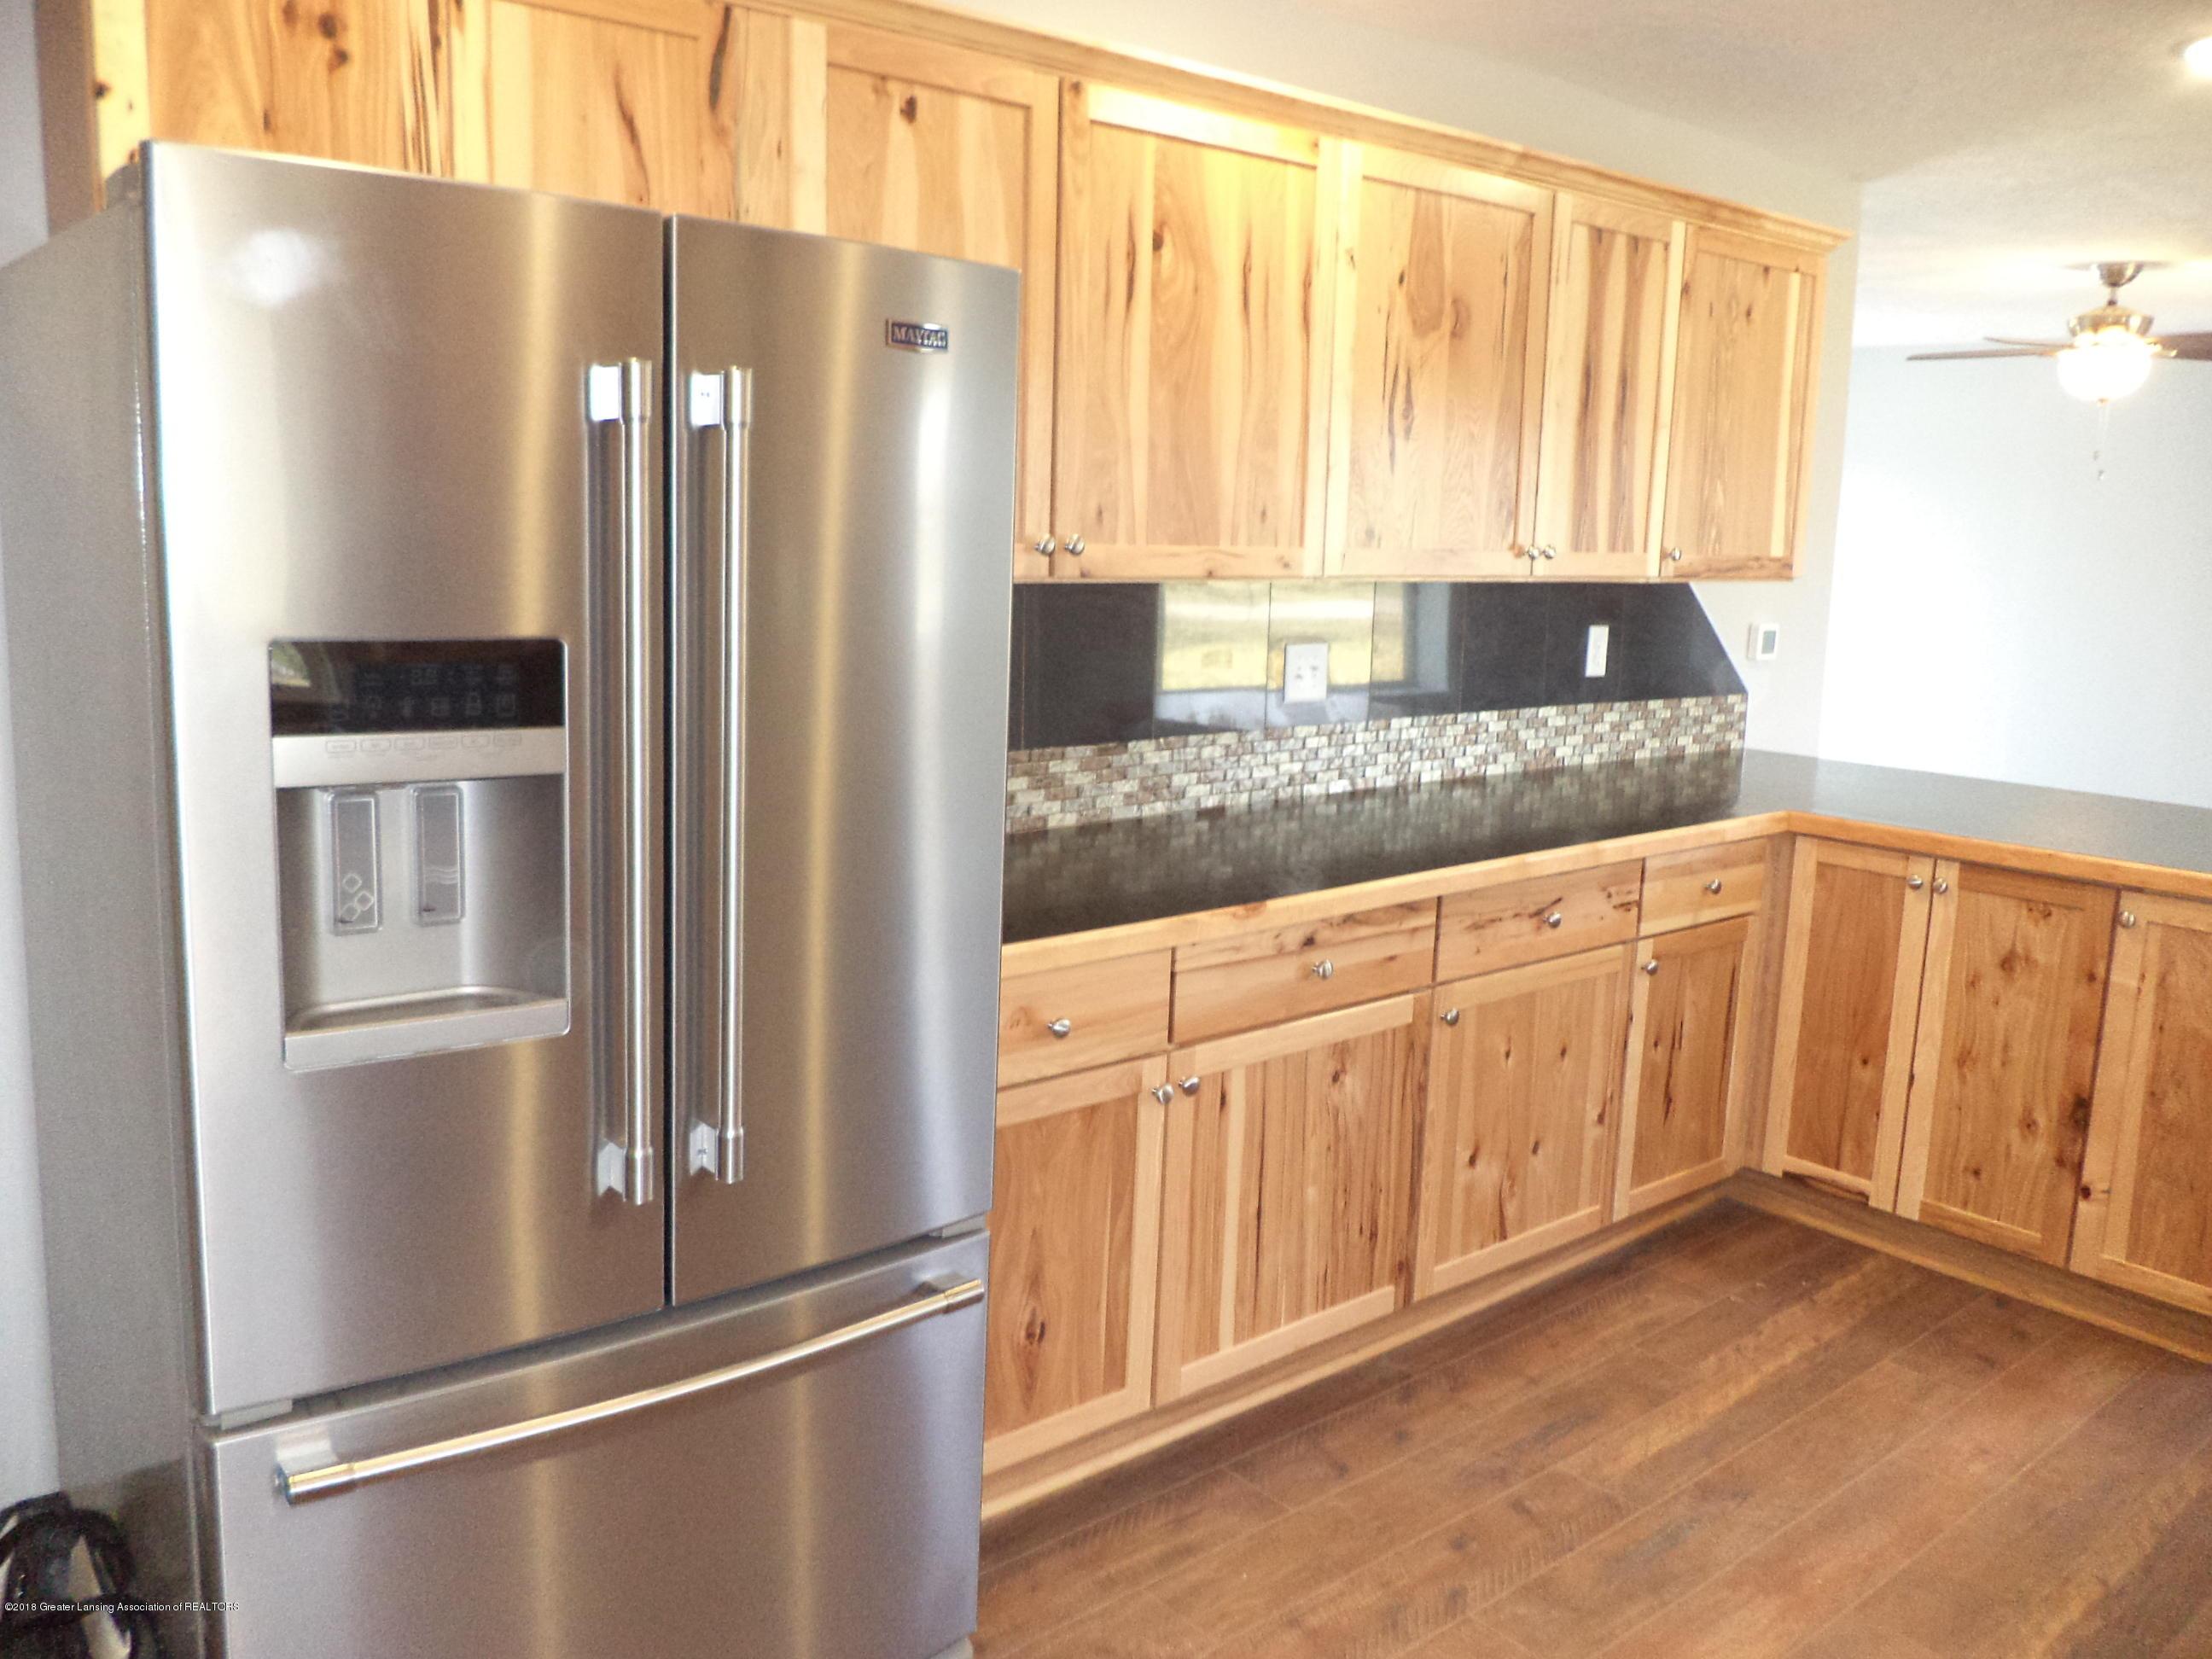 3200 S Dewitt Rd - Kitchen 6 - 9